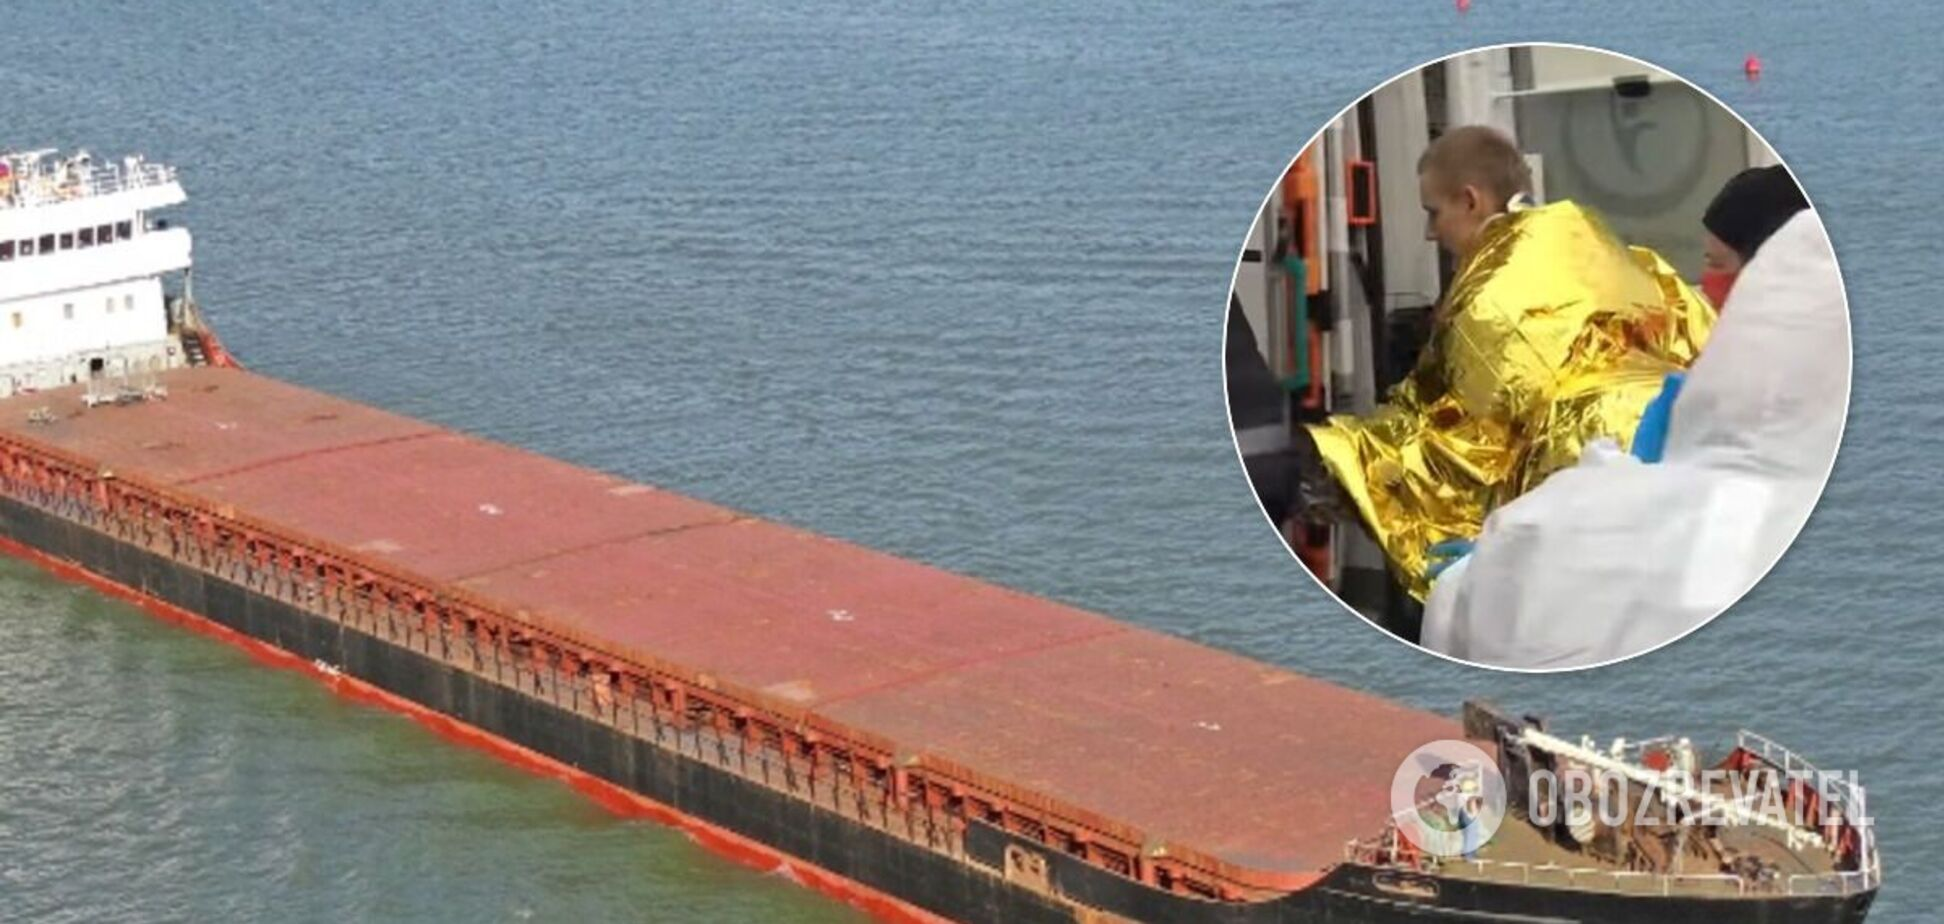 Суховантаж затонув 17 січня